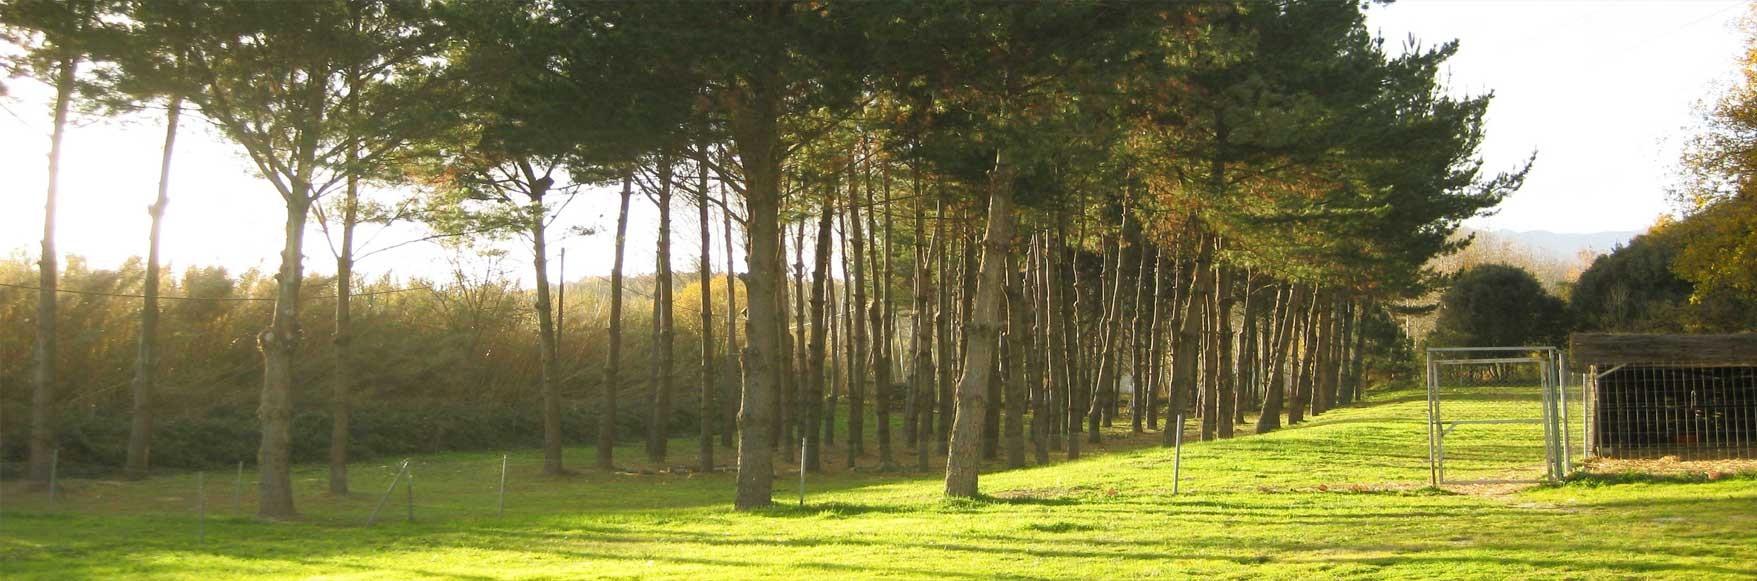 El bosque dentro de la finca